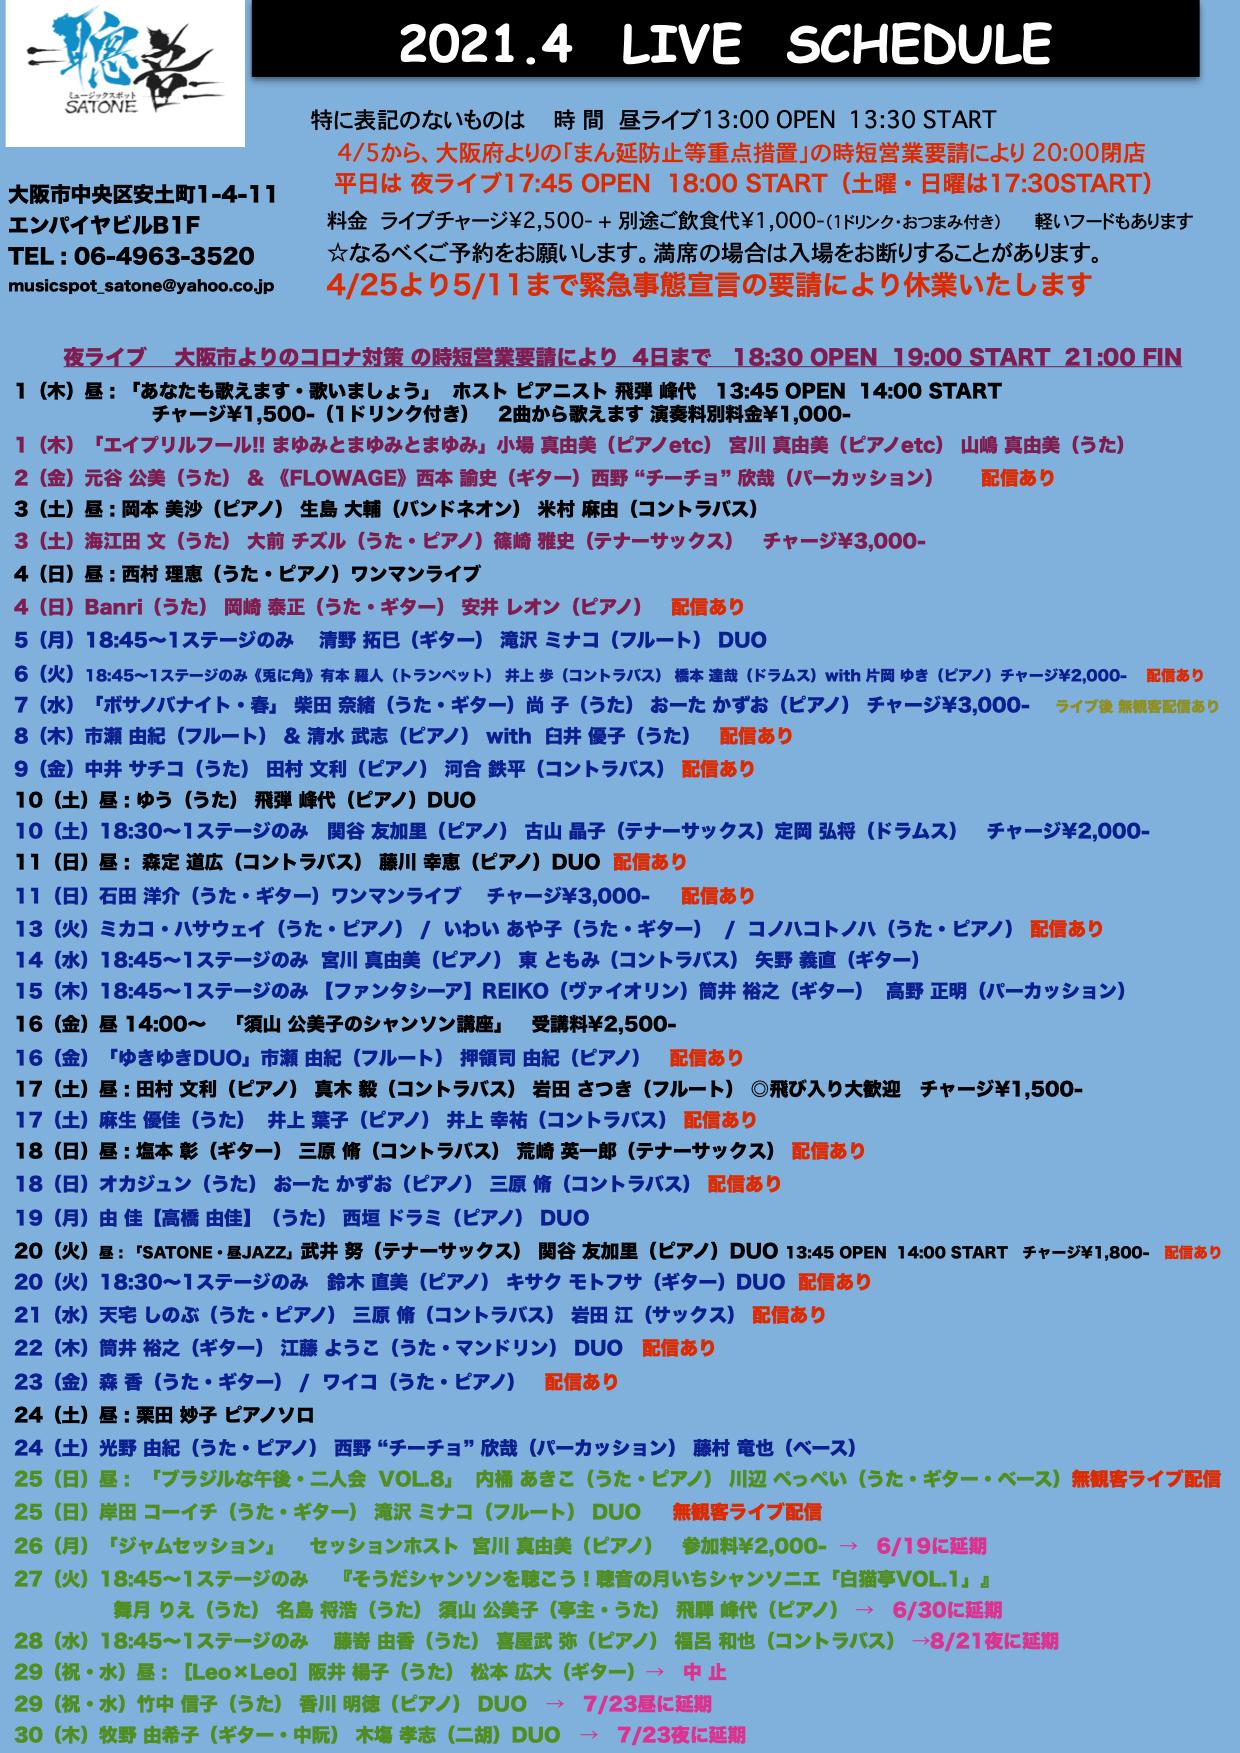 2021年4月ライブ予定(4.25現在)